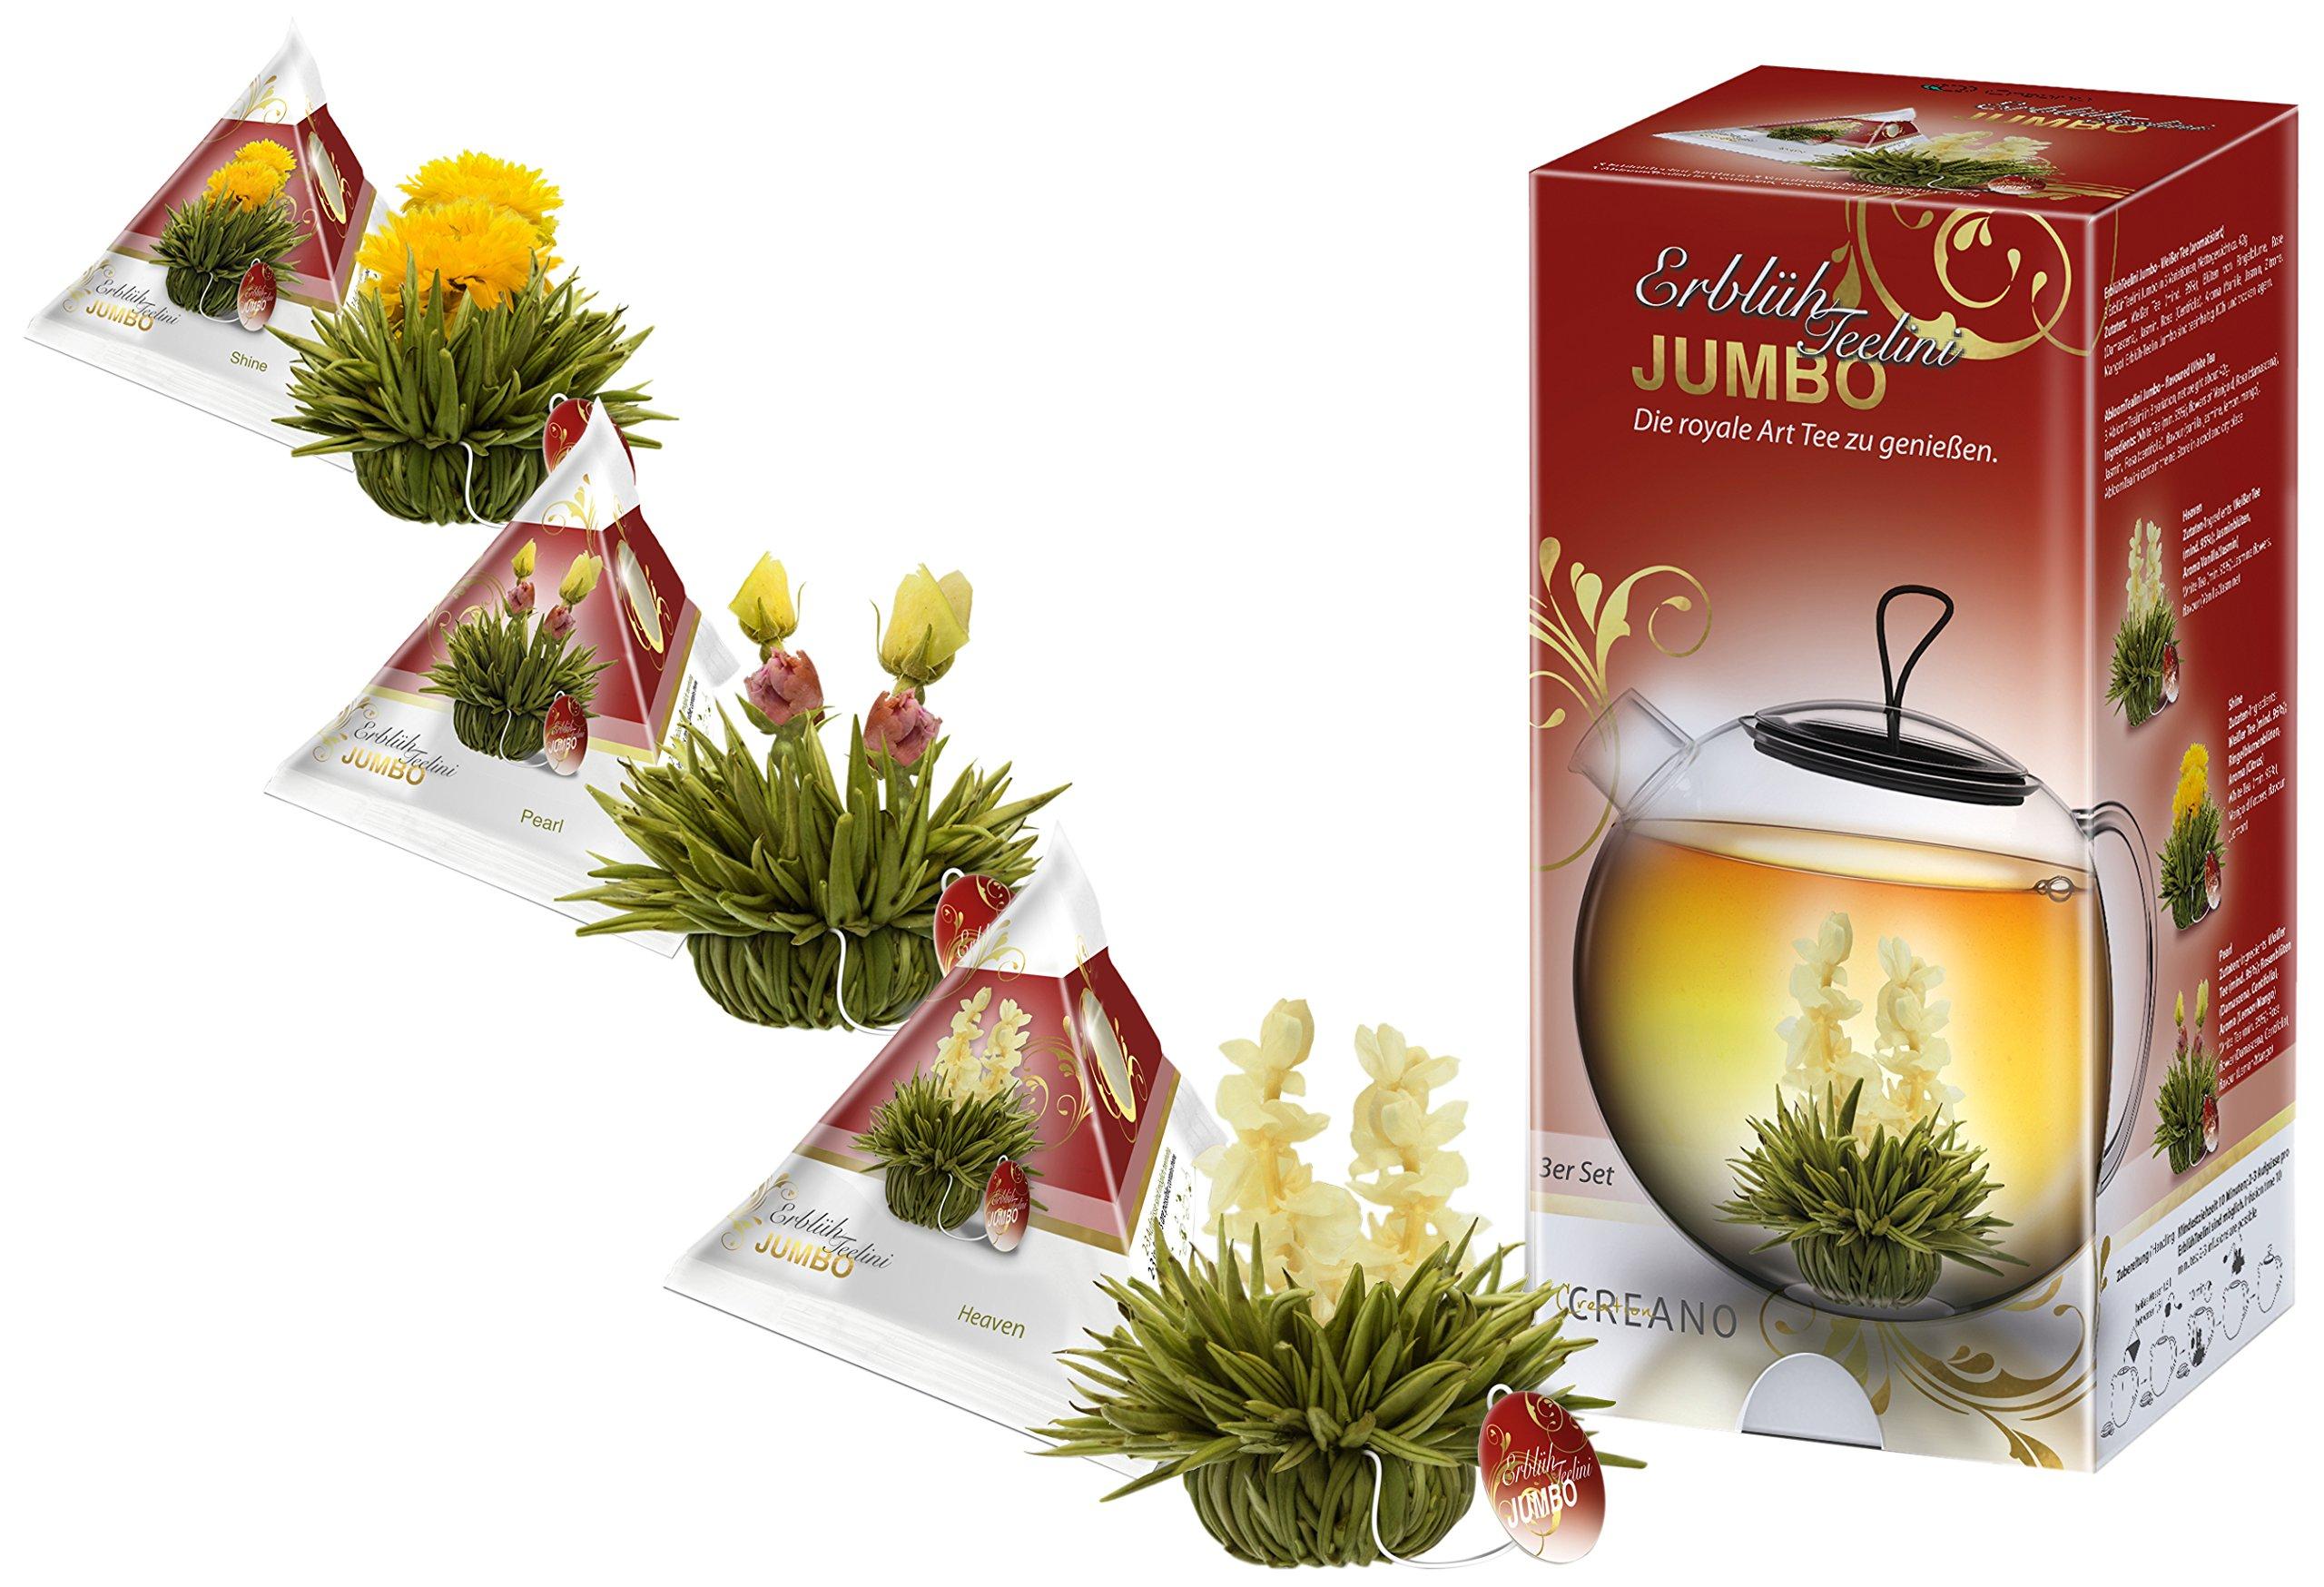 Creano-XXL-Teeblumen-Set-ErblhTeelini-Jumbo-in-3-verschiedenen-Sorten-Weier-Tee